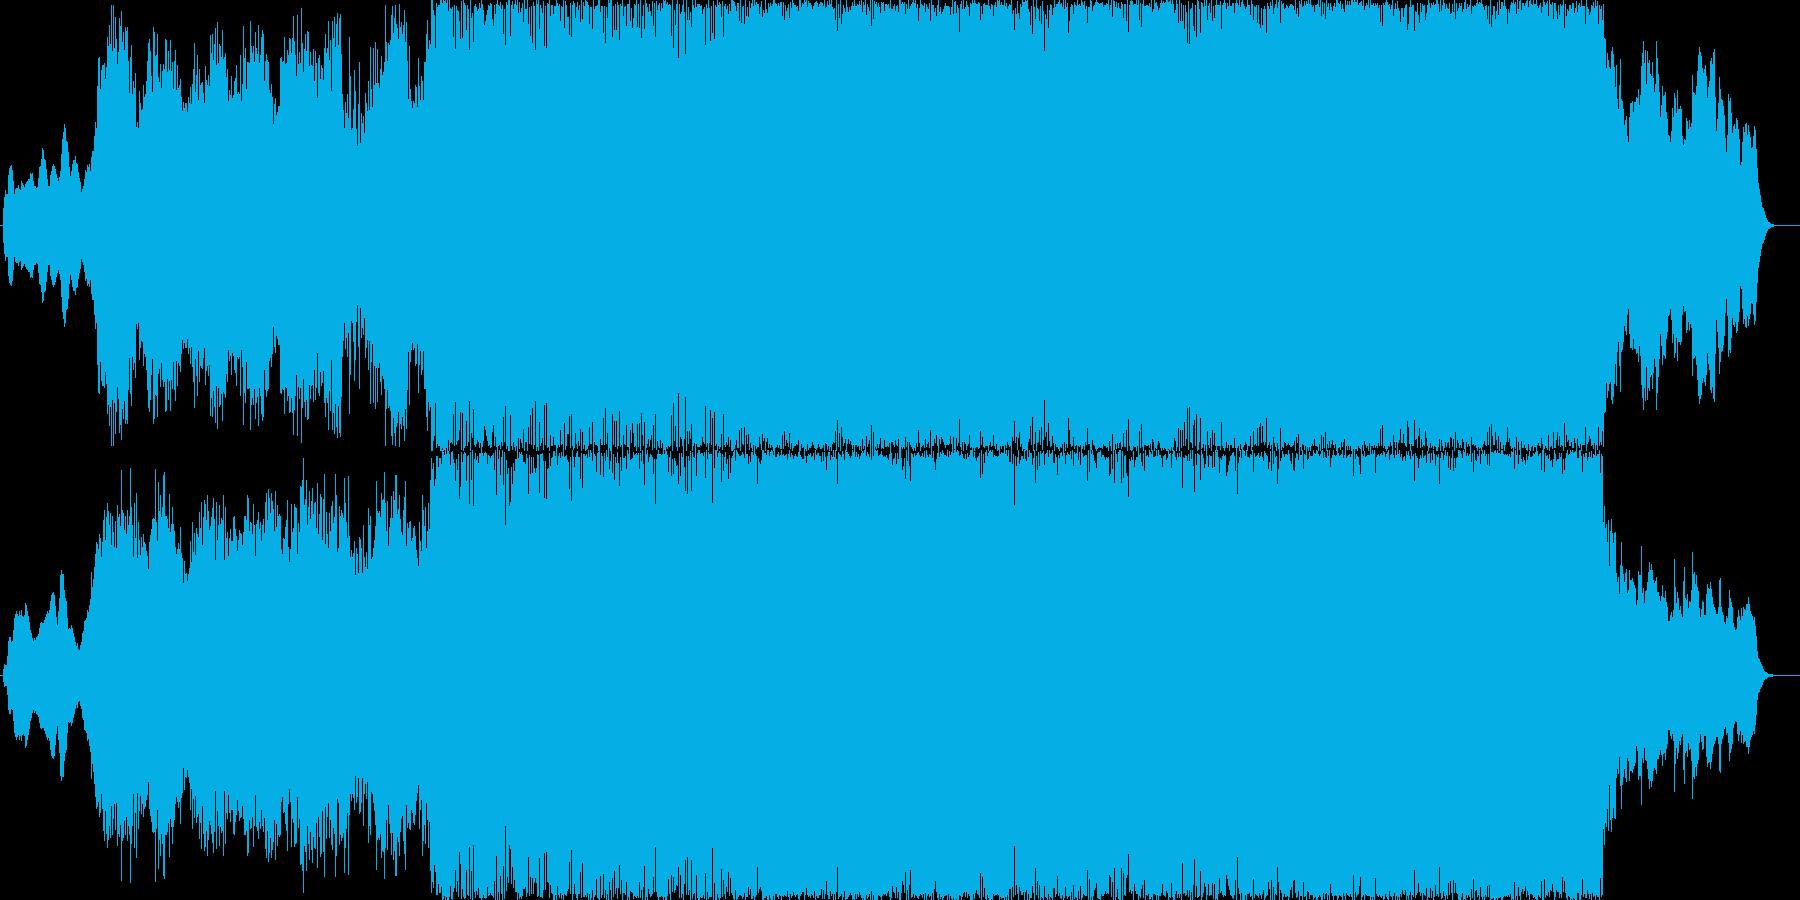 幻想的なイントロとドラムンベースのBGMの再生済みの波形